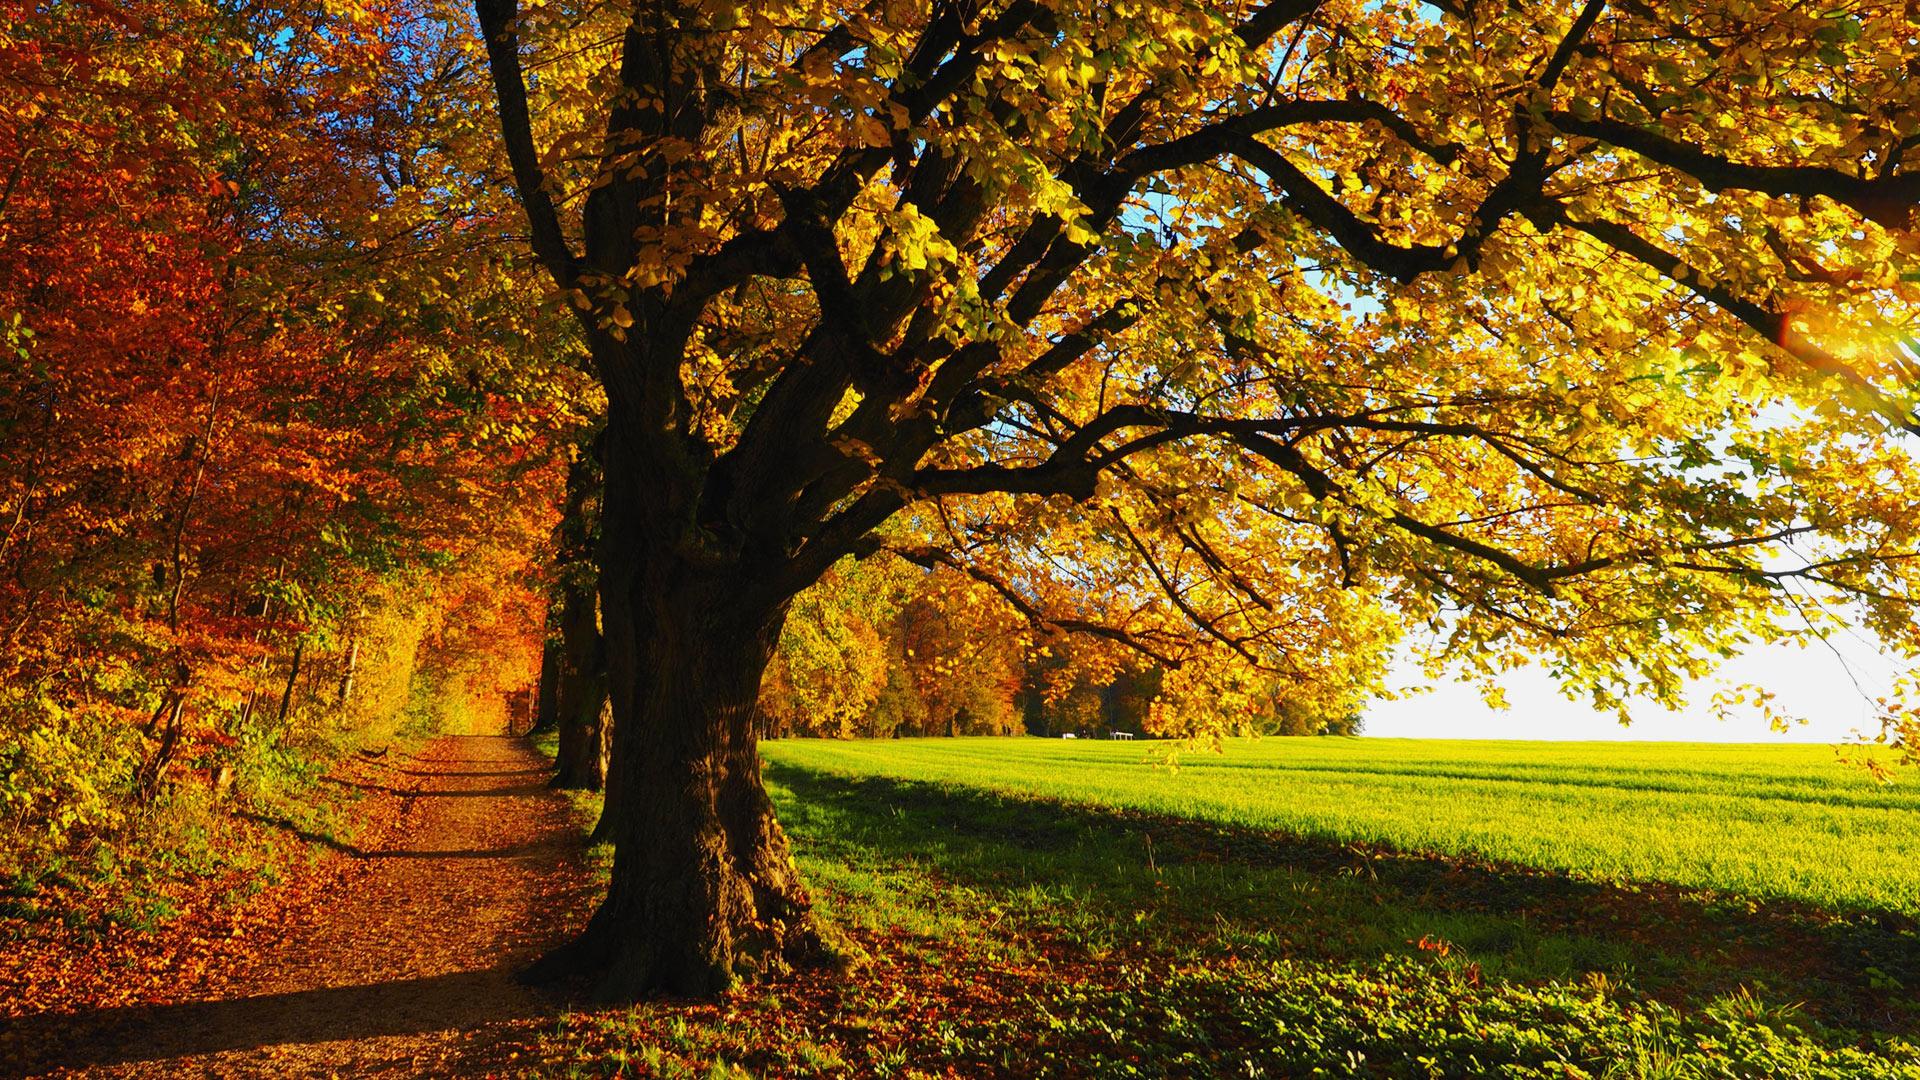 Desktop Wallpaper Fall Scenes Fall Scenery Wallpapers Free Download Pixelstalk Net